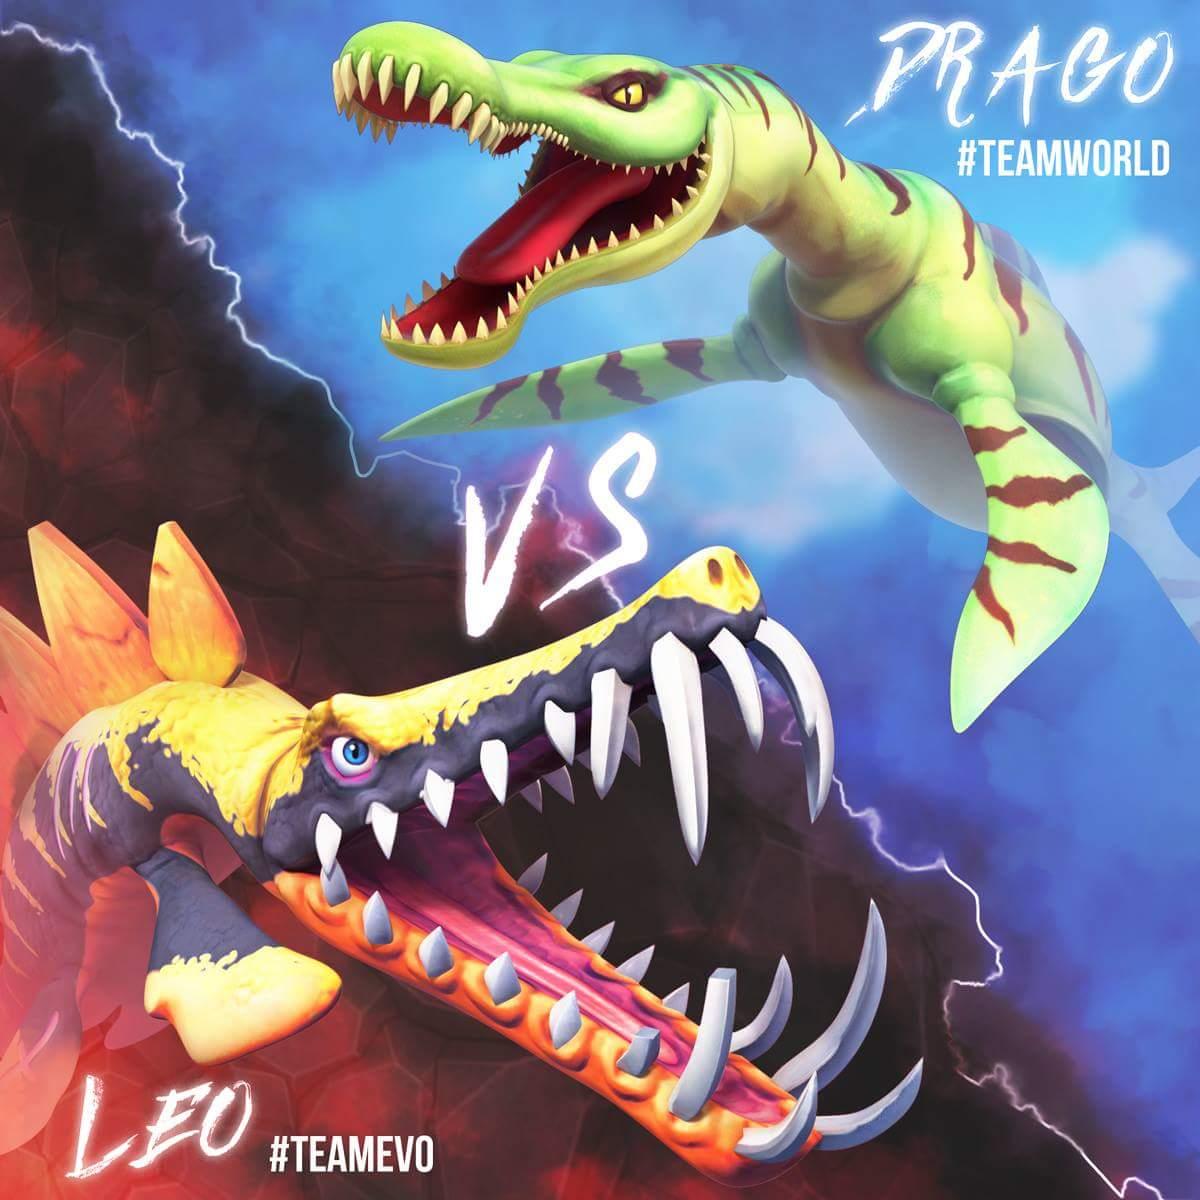 Drago vs Leo